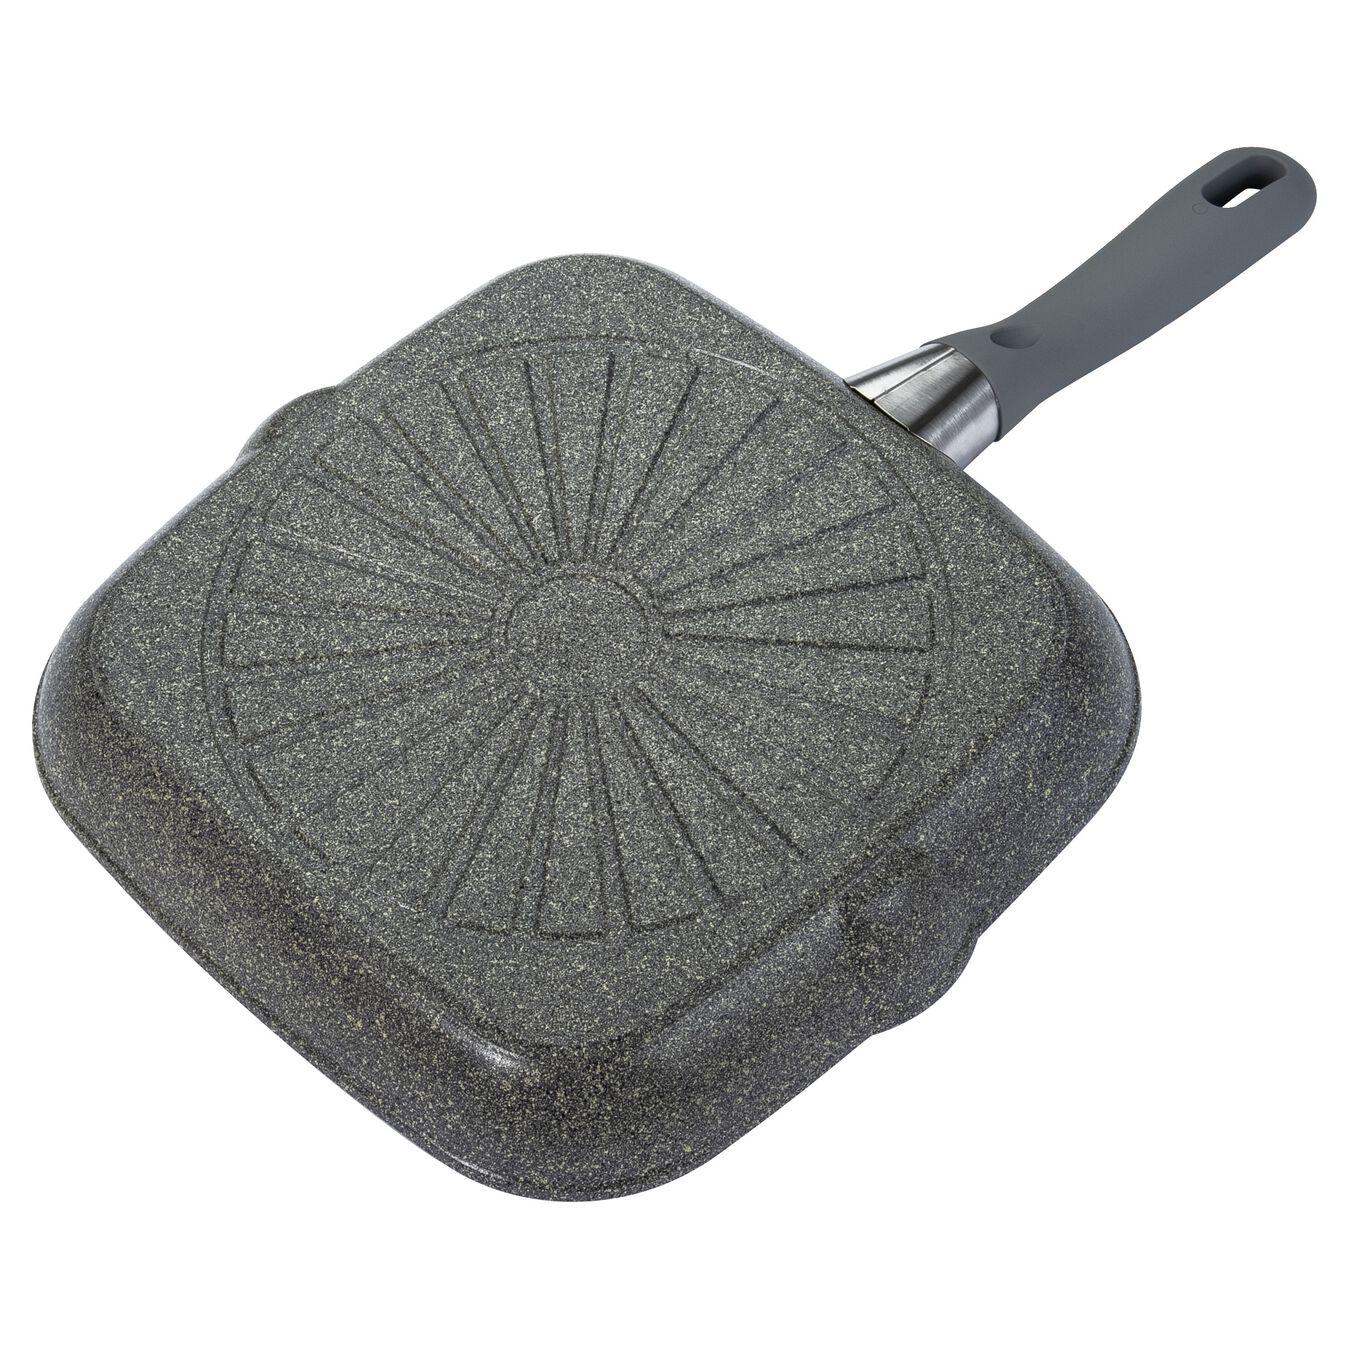 Gril 28 cm, Aluminium, Gris pierre,,large 2